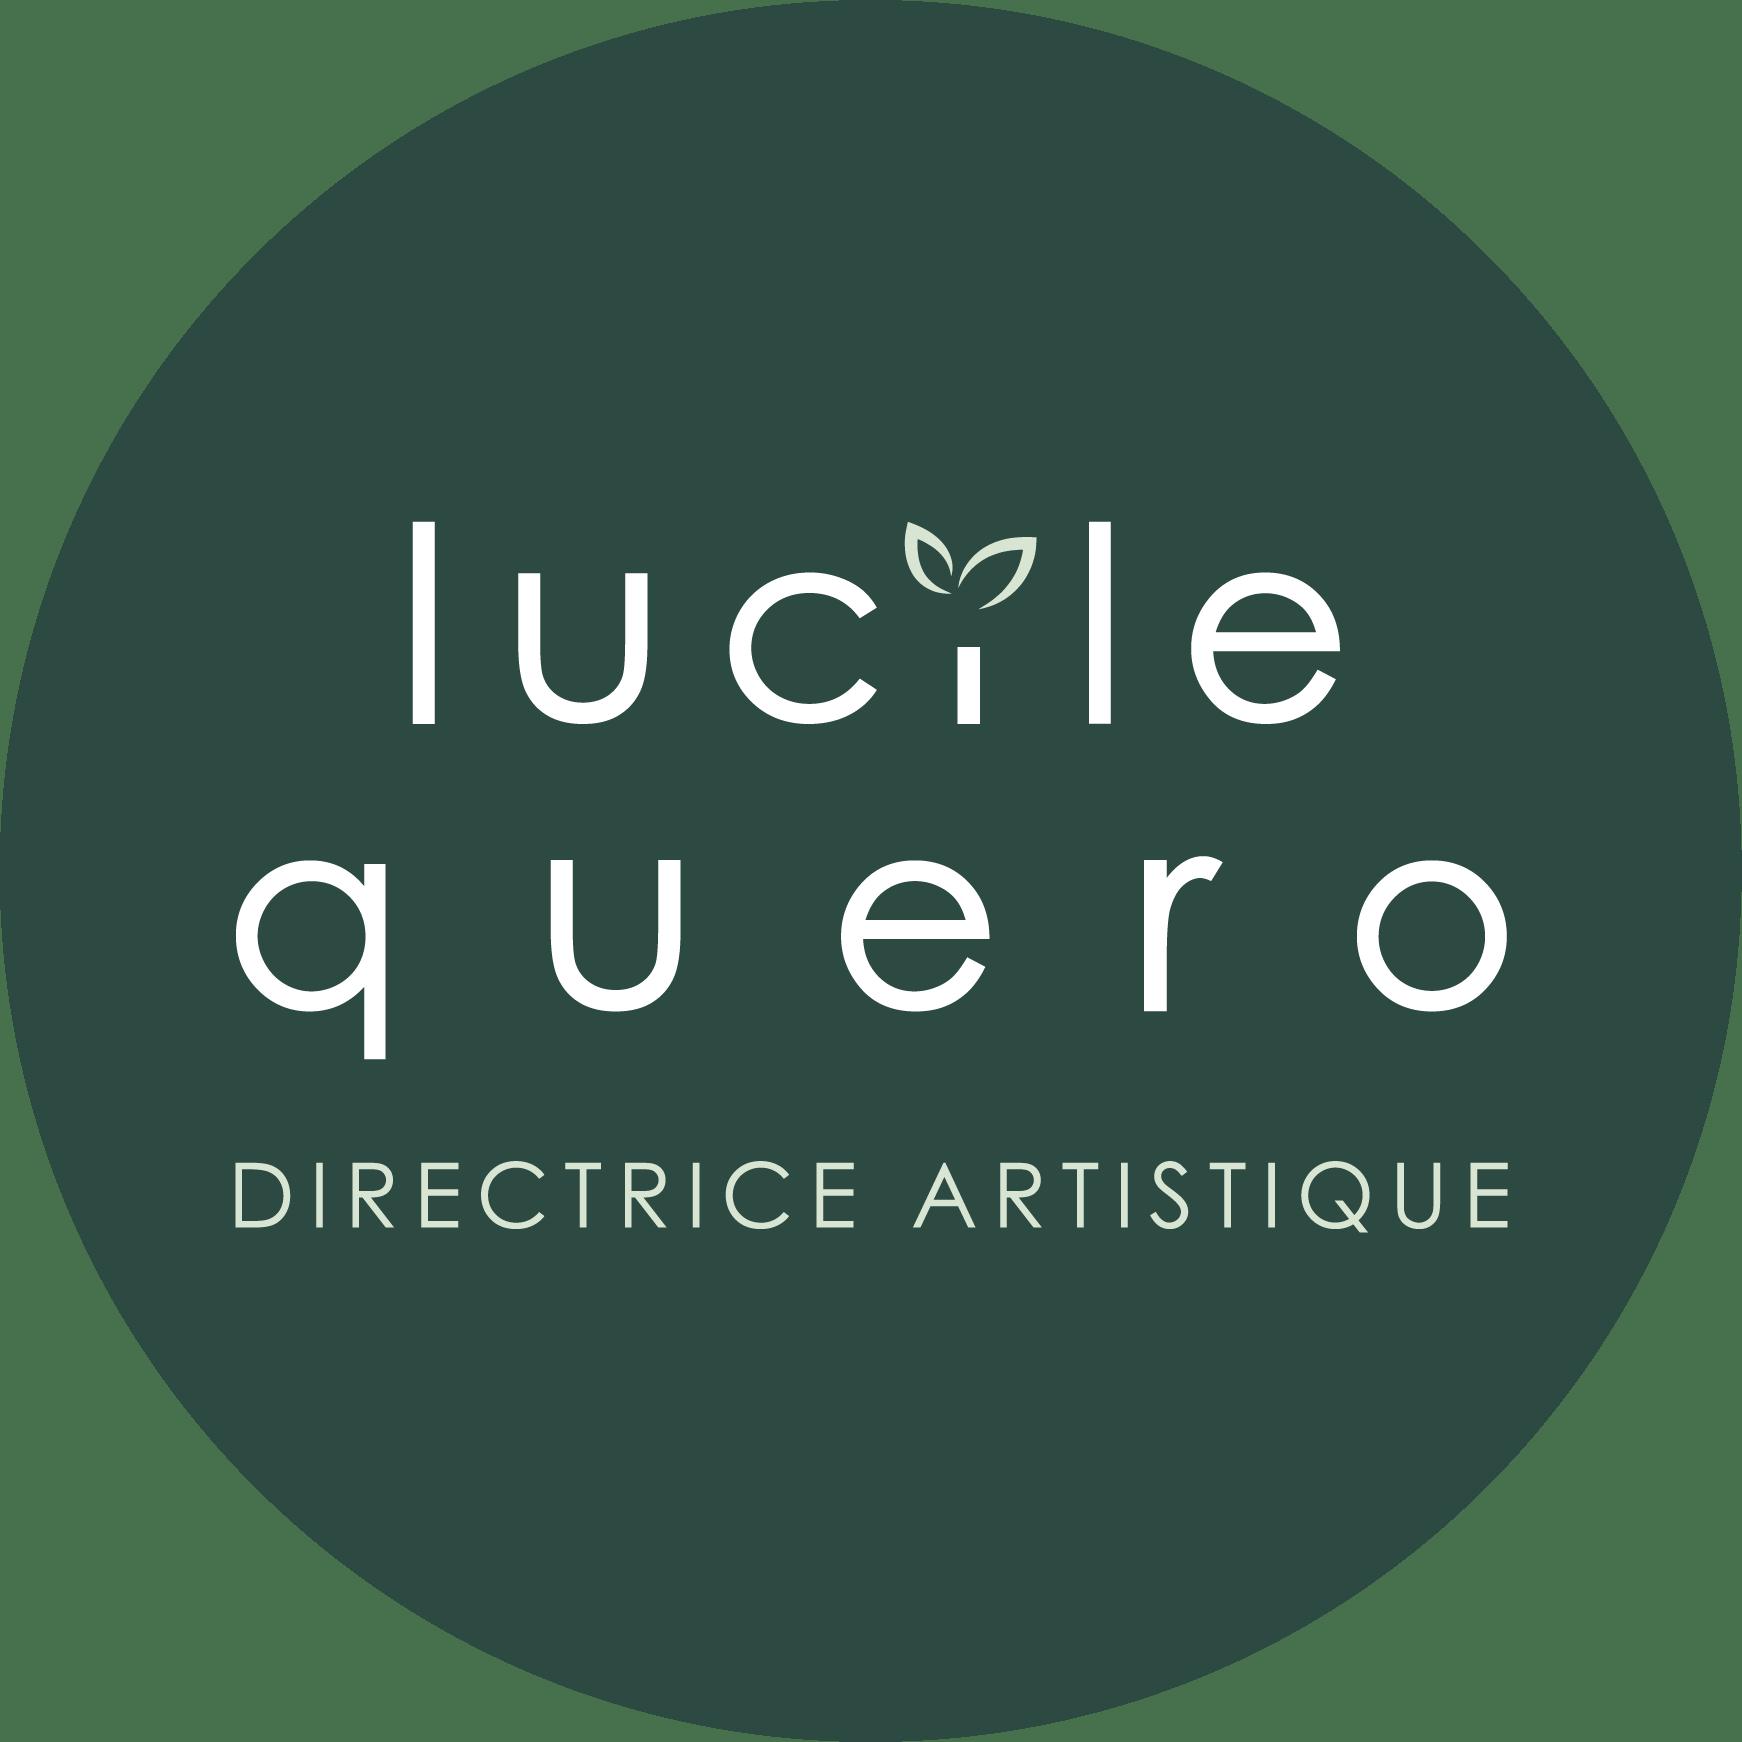 Logo de Lucile Quero Directrice Artistique Freelance